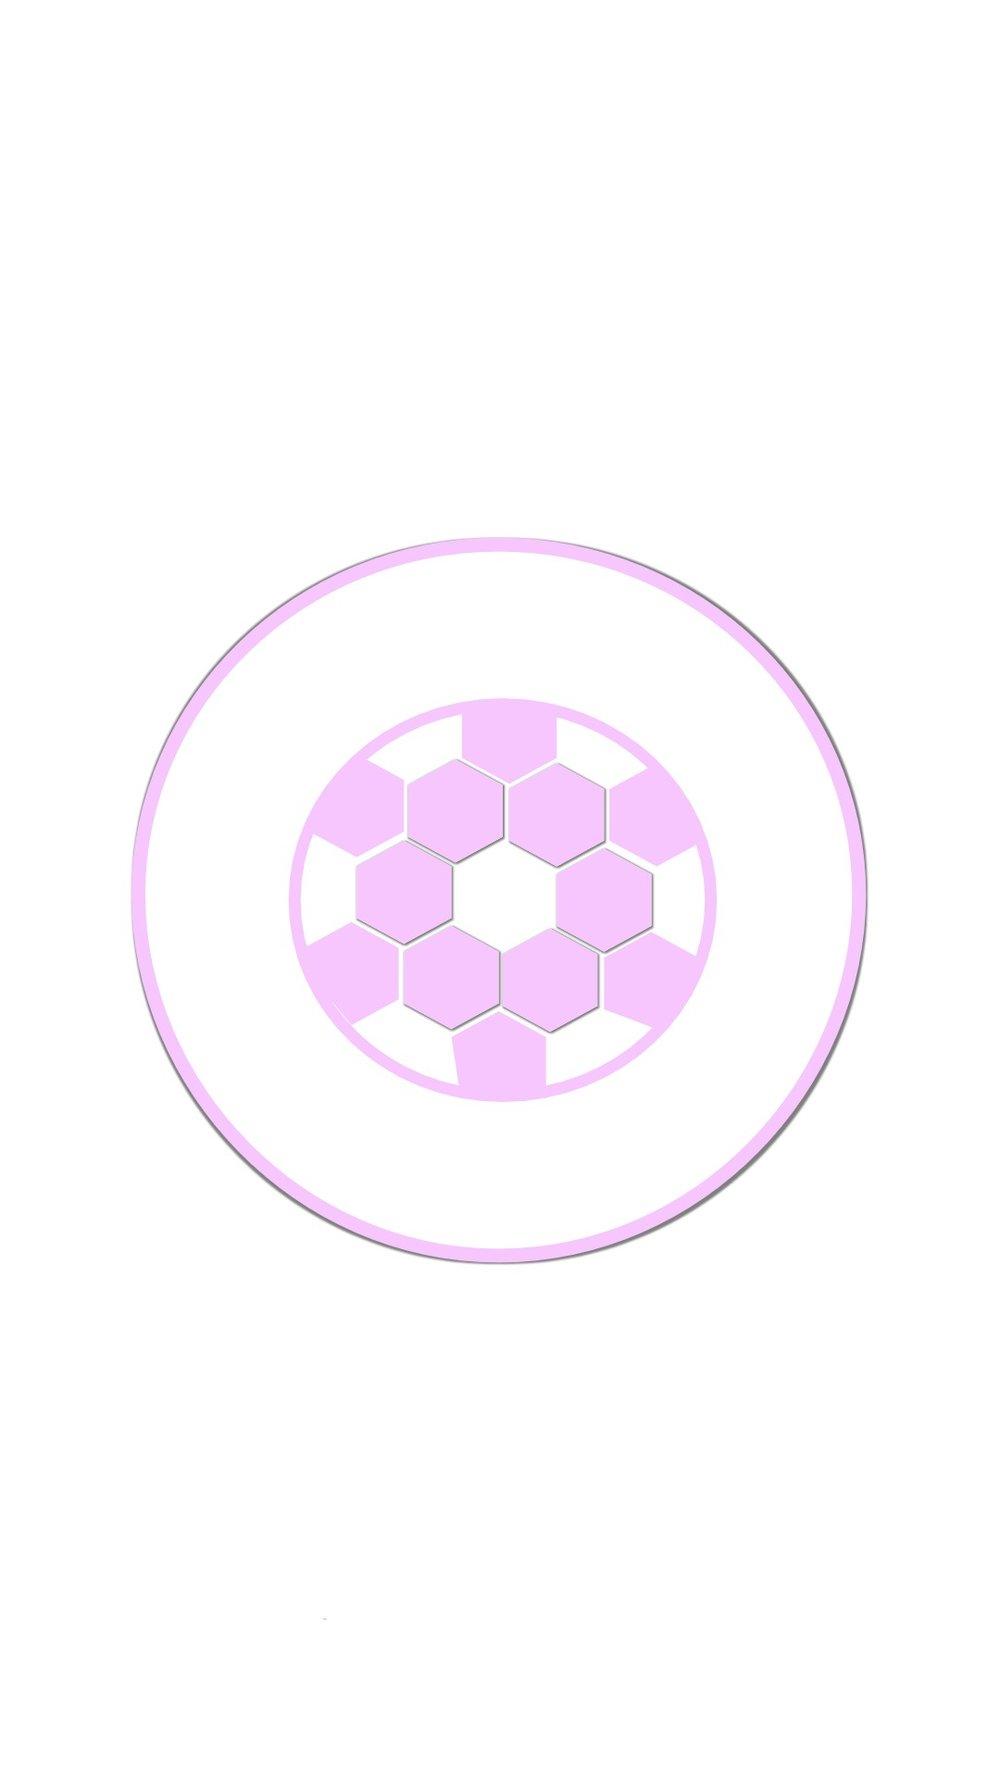 Instagram-cover-baby-girl-ball-lotnotes.com.jpg